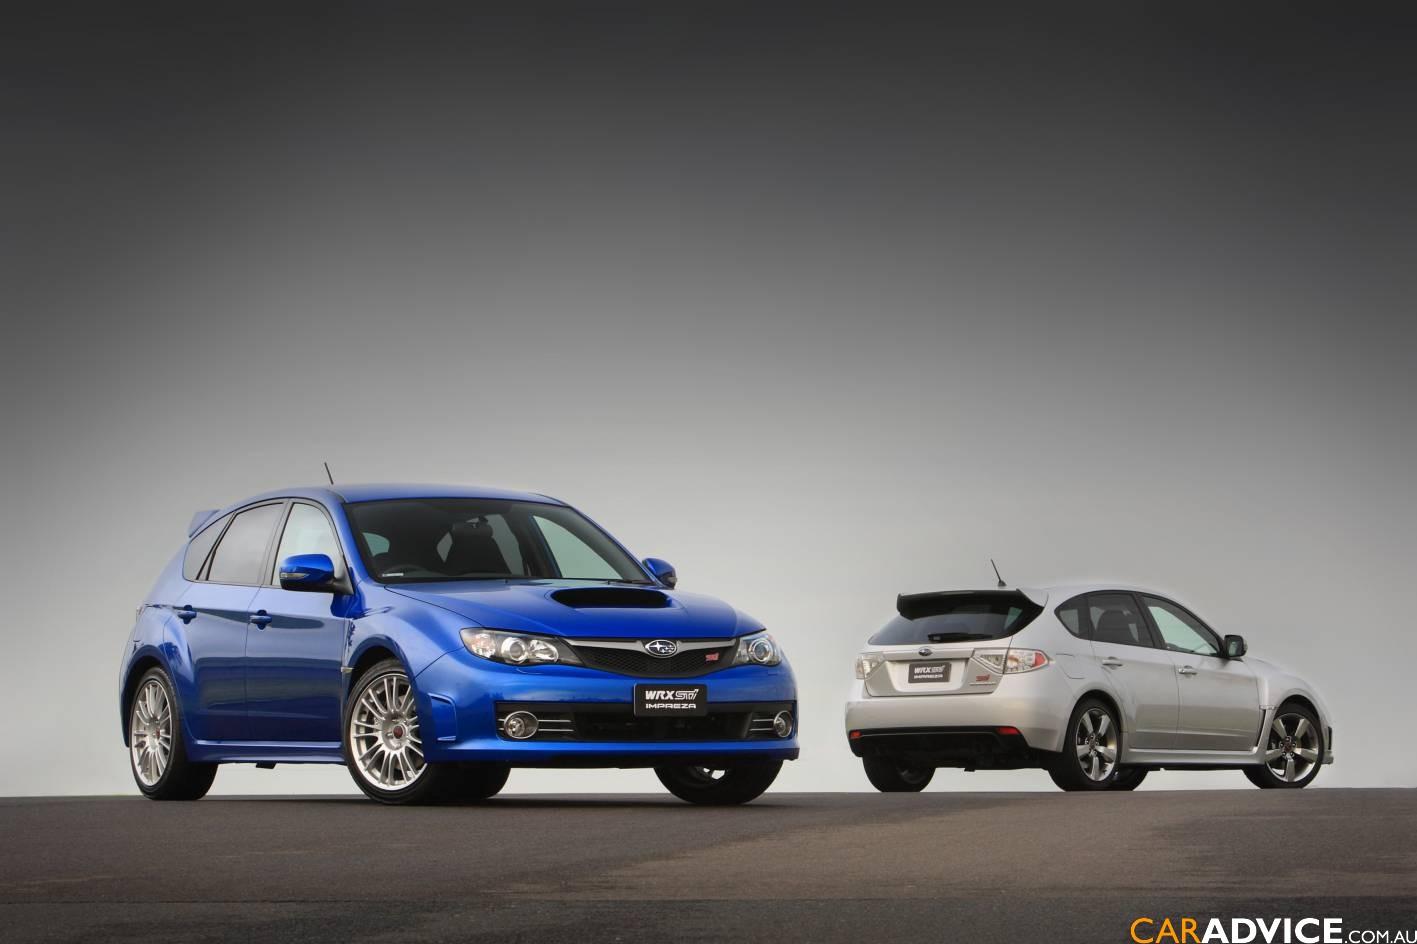 2008 Subaru Impreza WRX STi - photos | CarAdvice